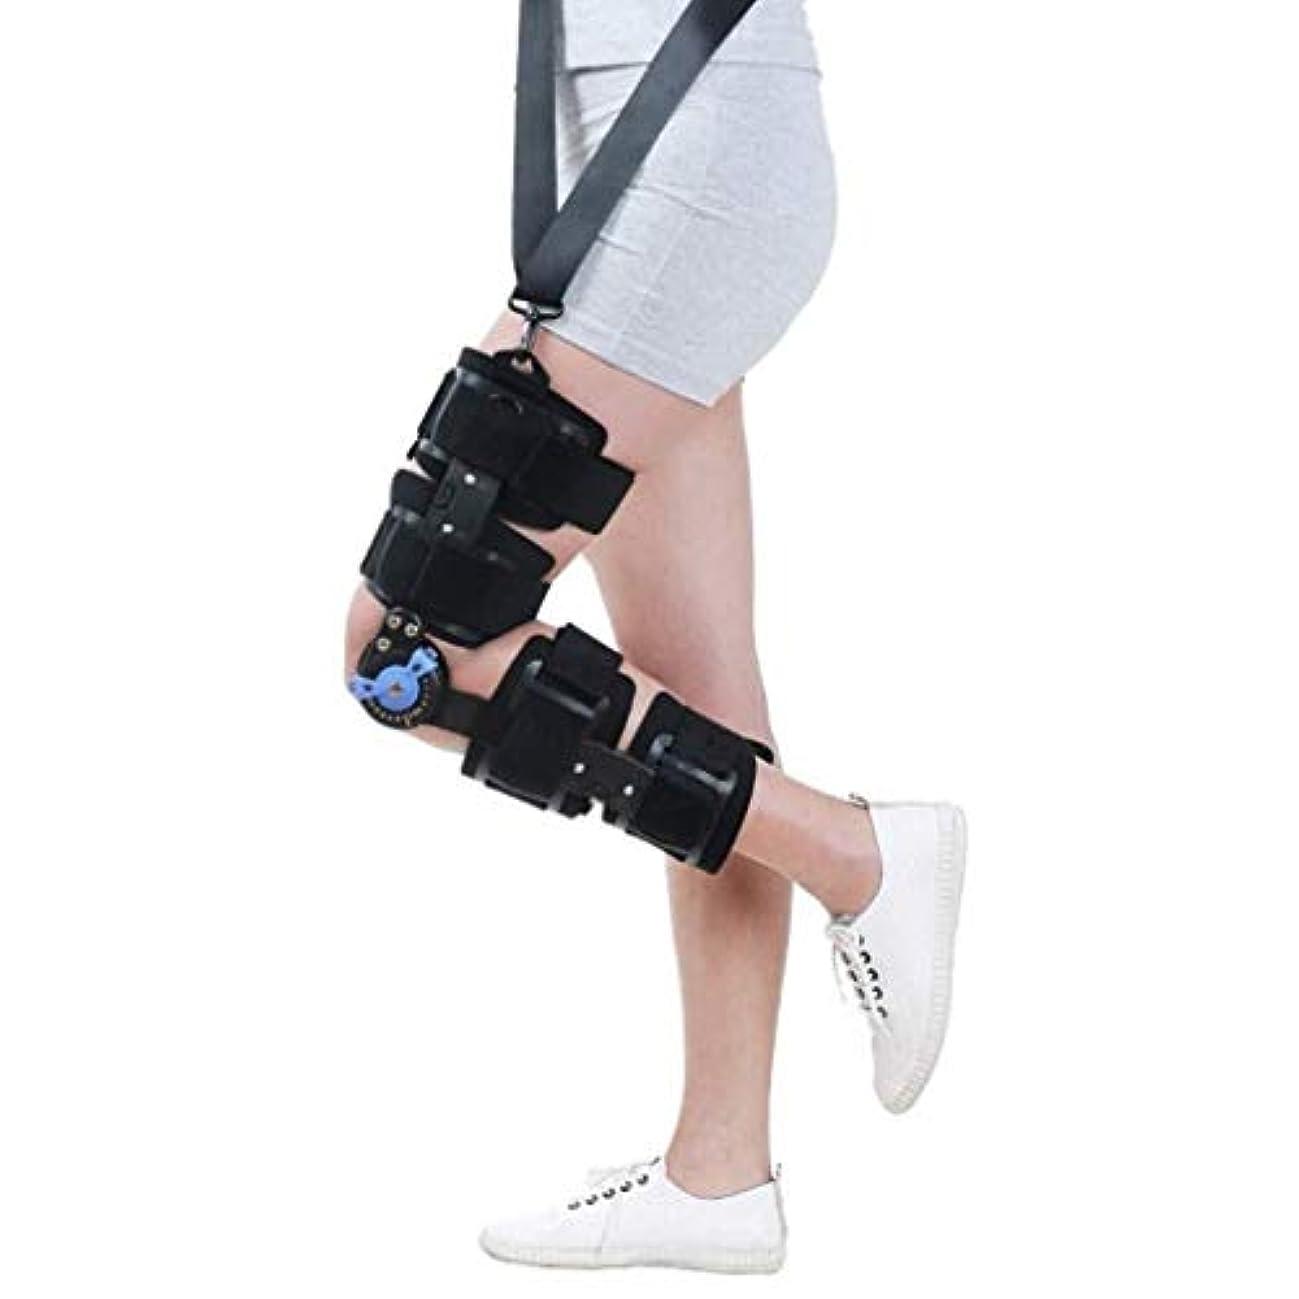 管理者文言男性ヒンジ付き膝装具-怪我、治療、サポート、痛みの軽減のための調節可能な靭帯サポート (Color : As Picture, Size : Left)